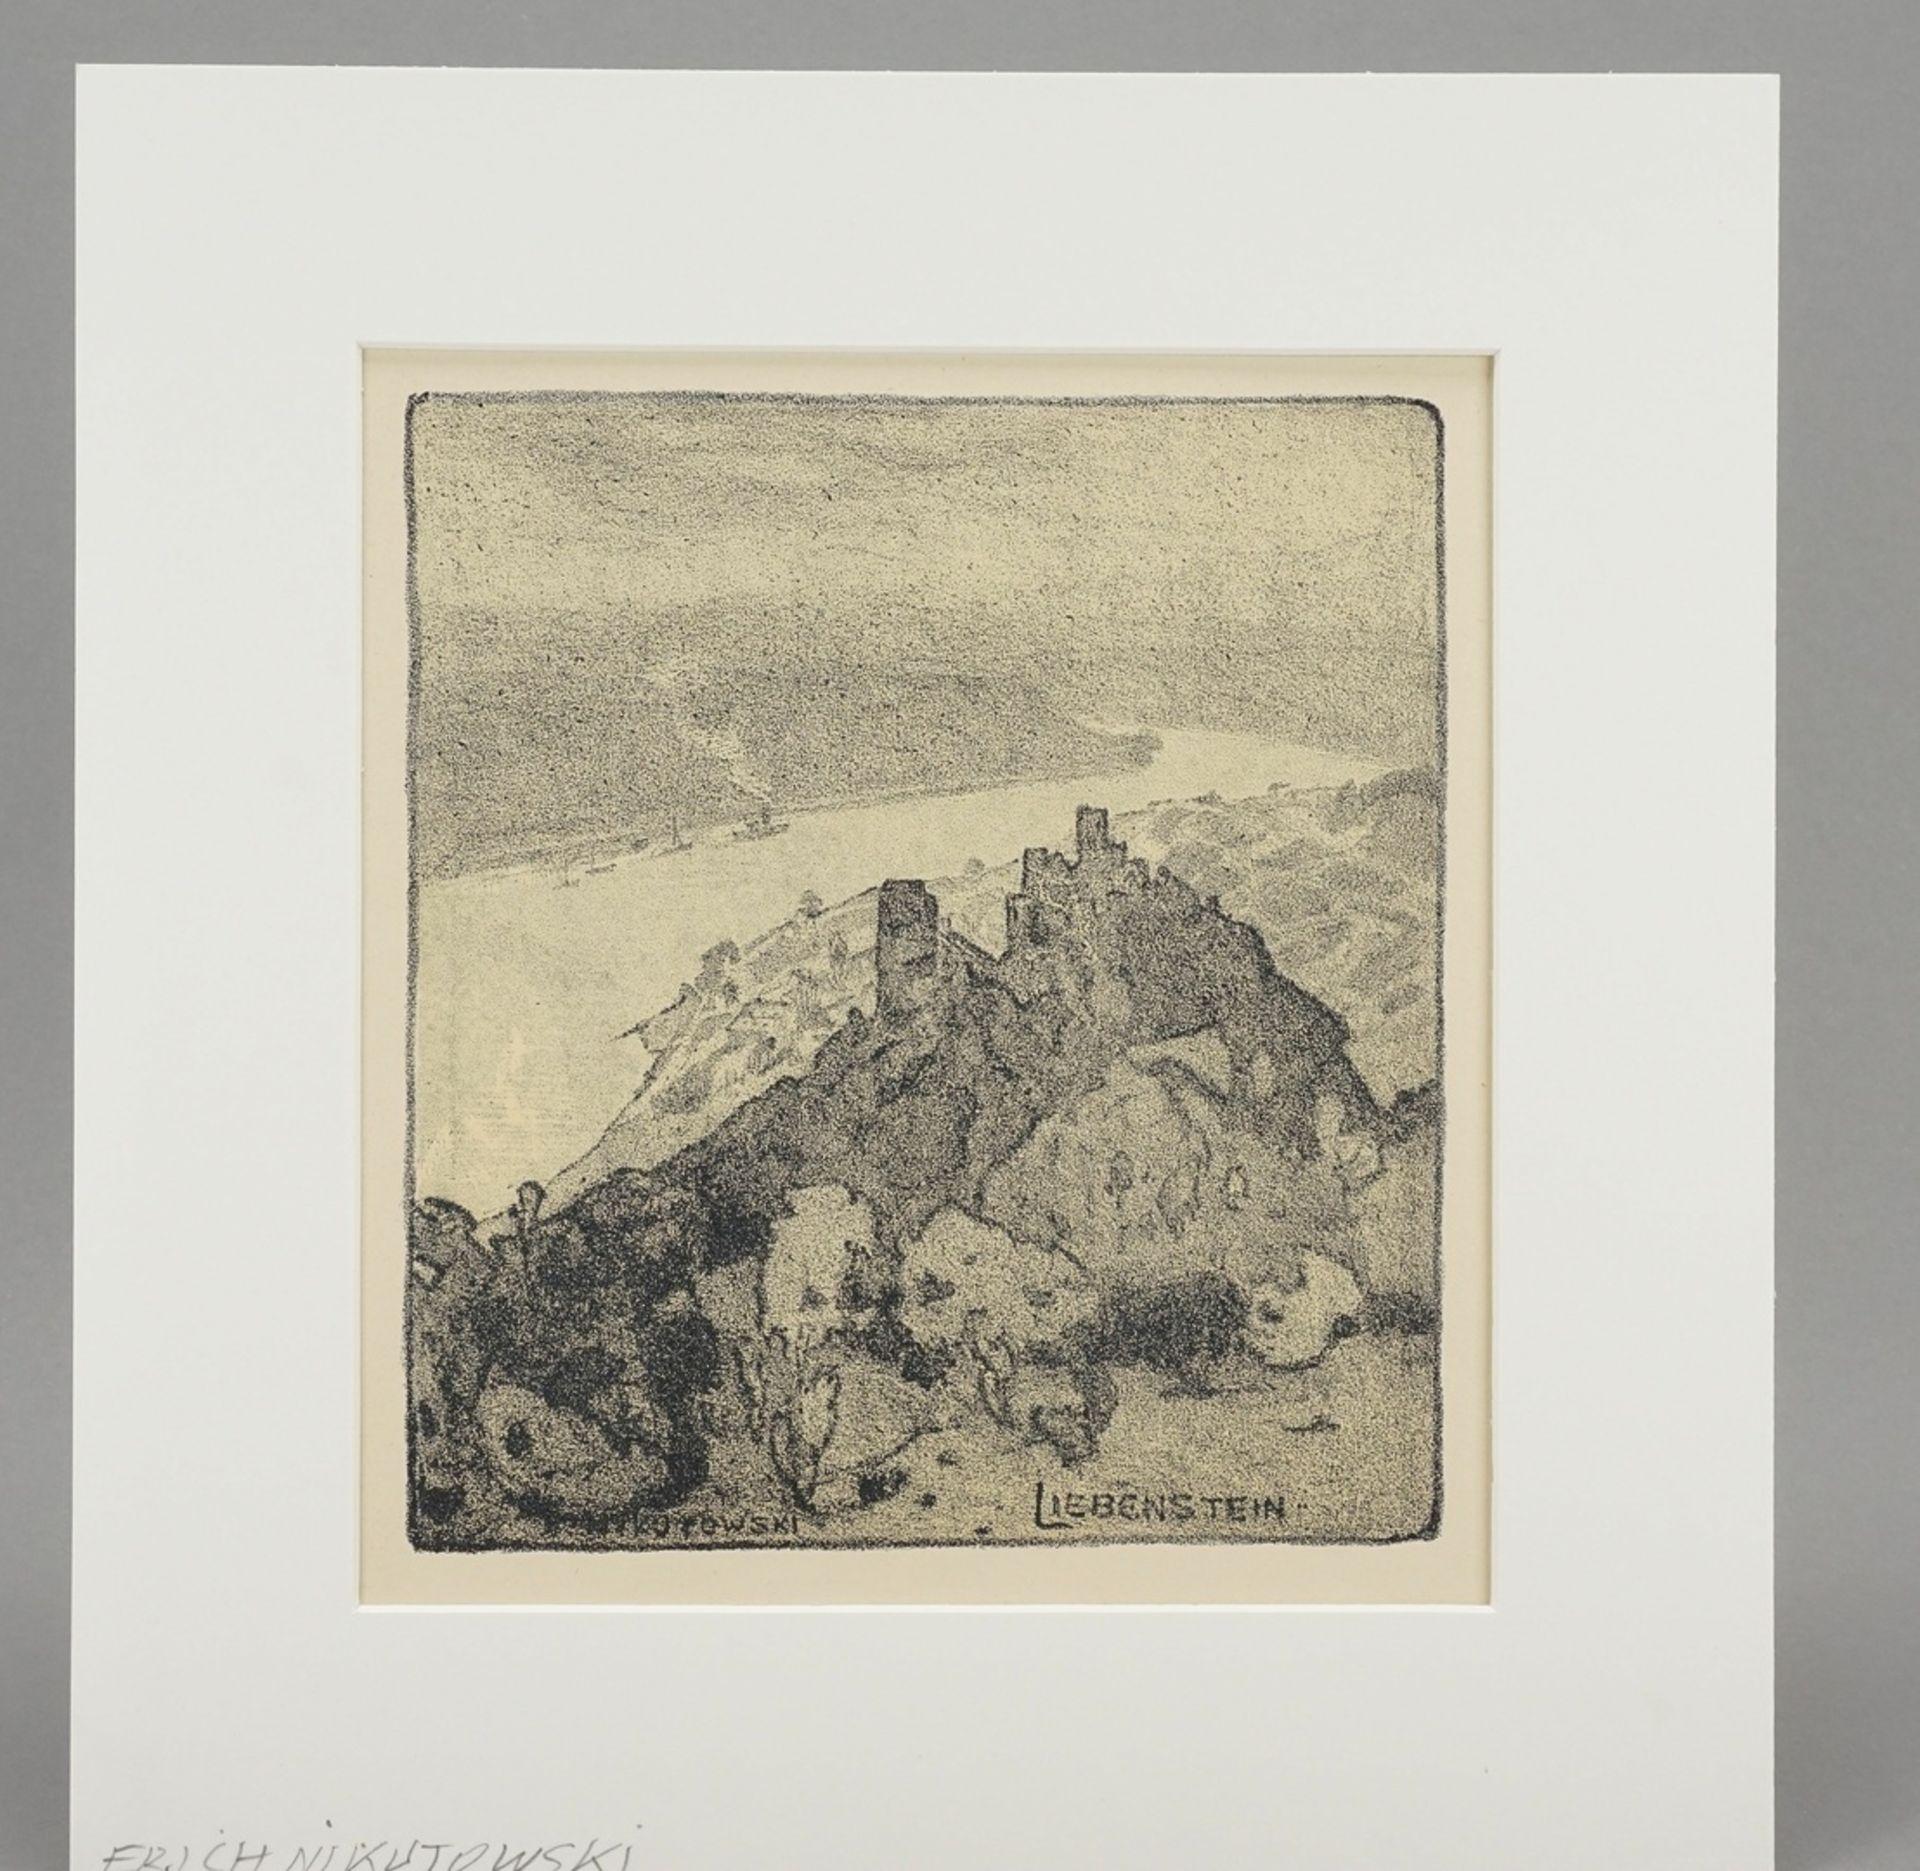 """Erich Nikutowski, """"Liebenstein"""" - Bild 2 aus 4"""